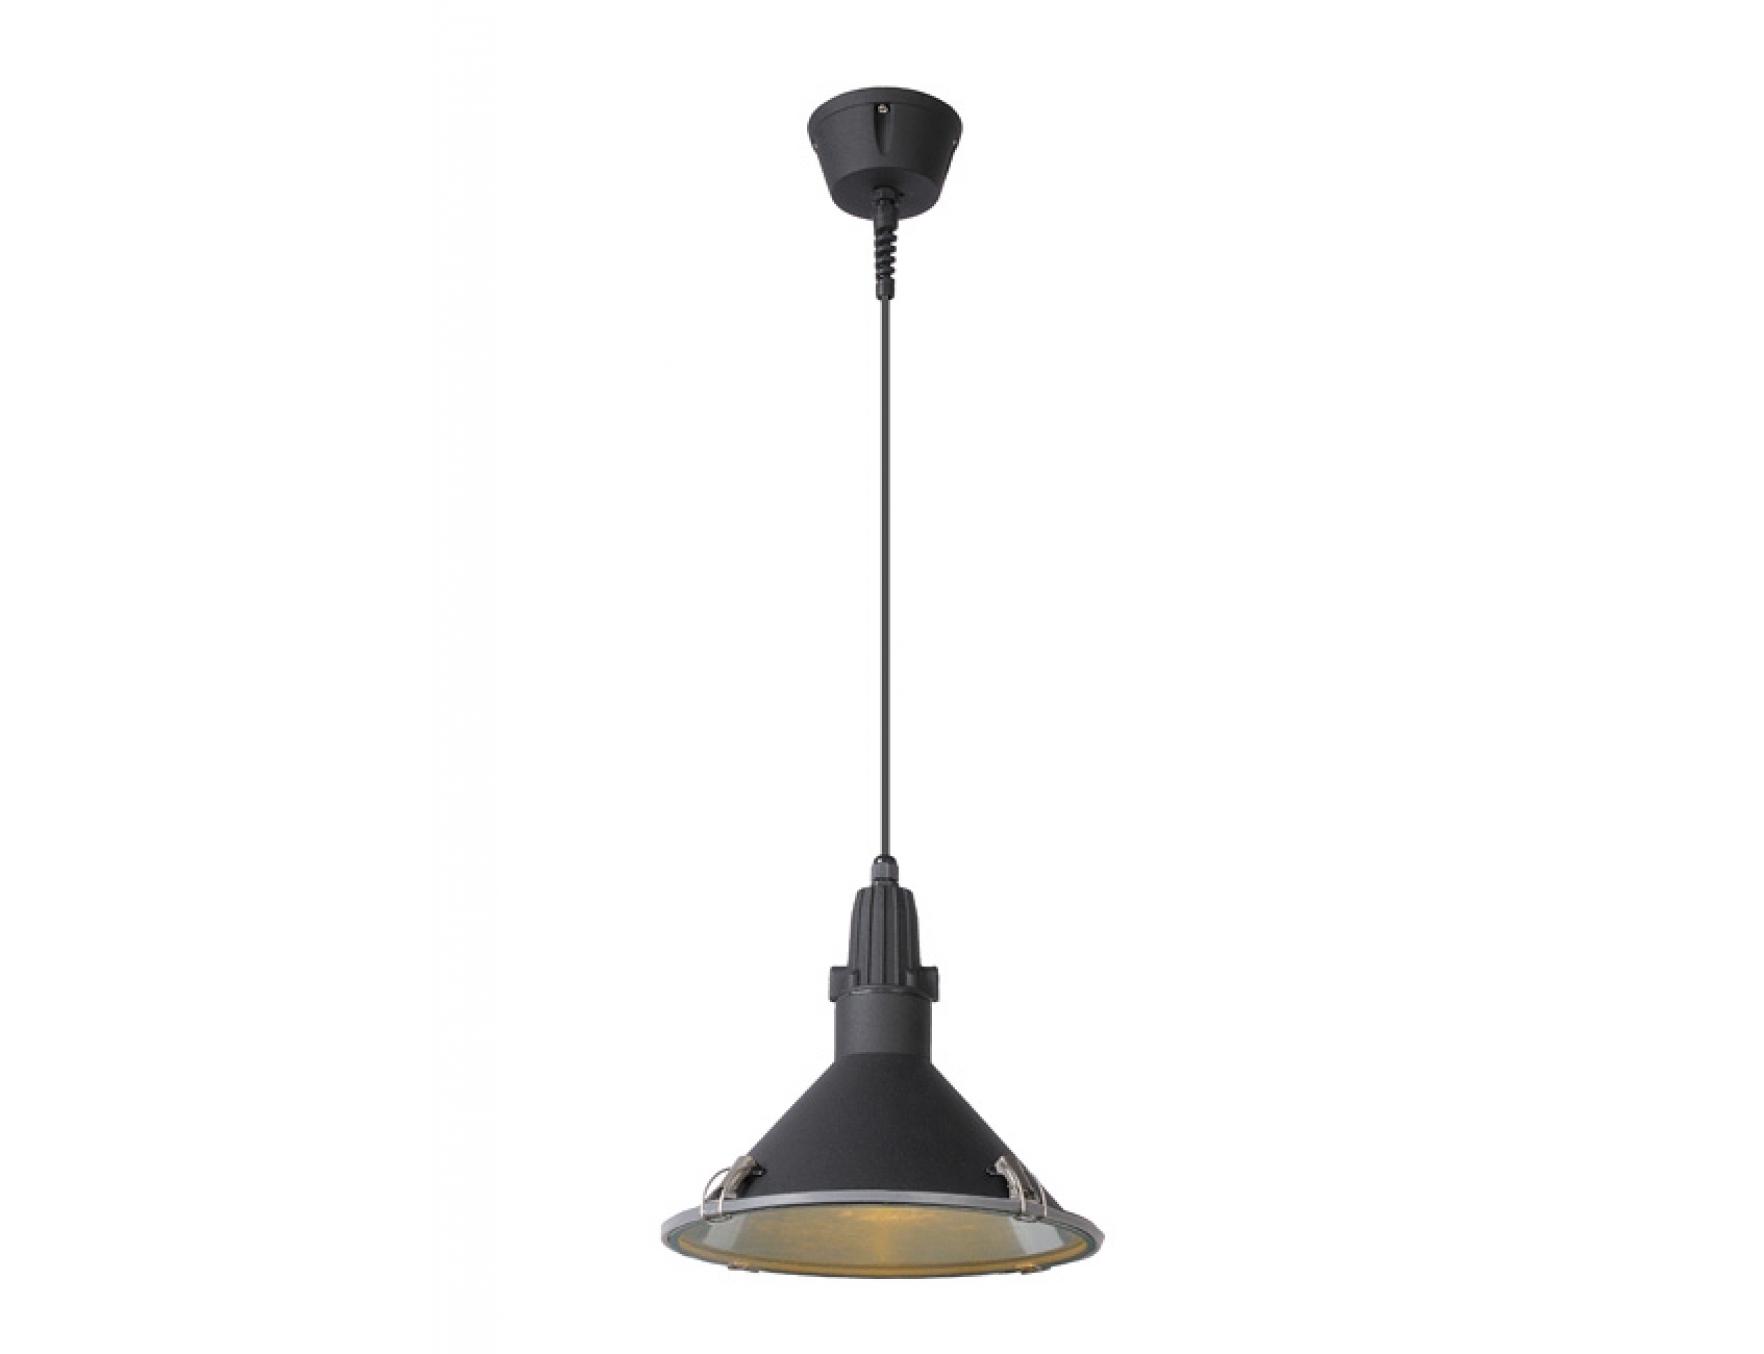 Подвесной светильник TONGAУличные подвесные и потолочные светильники<br>&amp;lt;span style=&amp;quot;line-height: 24.9999px;&amp;quot;&amp;gt;Цоколь Е27,&amp;amp;nbsp;&amp;lt;/span&amp;gt;&amp;lt;div style=&amp;quot;line-height: 24.9999px;&amp;quot;&amp;gt;Мощность&amp;amp;nbsp;&amp;lt;span style=&amp;quot;line-height: 1.78571;&amp;quot;&amp;gt;60W,&amp;amp;nbsp;&amp;lt;/span&amp;gt;&amp;lt;/div&amp;gt;&amp;lt;div style=&amp;quot;line-height: 24.9999px;&amp;quot;&amp;gt;&amp;lt;span style=&amp;quot;line-height: 1.78571;&amp;quot;&amp;gt;Количество 1 лампочка (в комплект не входит)&amp;lt;/span&amp;gt;&amp;lt;/div&amp;gt;<br><br>Material: Металл<br>Ширина см: 30.0<br>Высота см: 206.0<br>Глубина см: 30.0